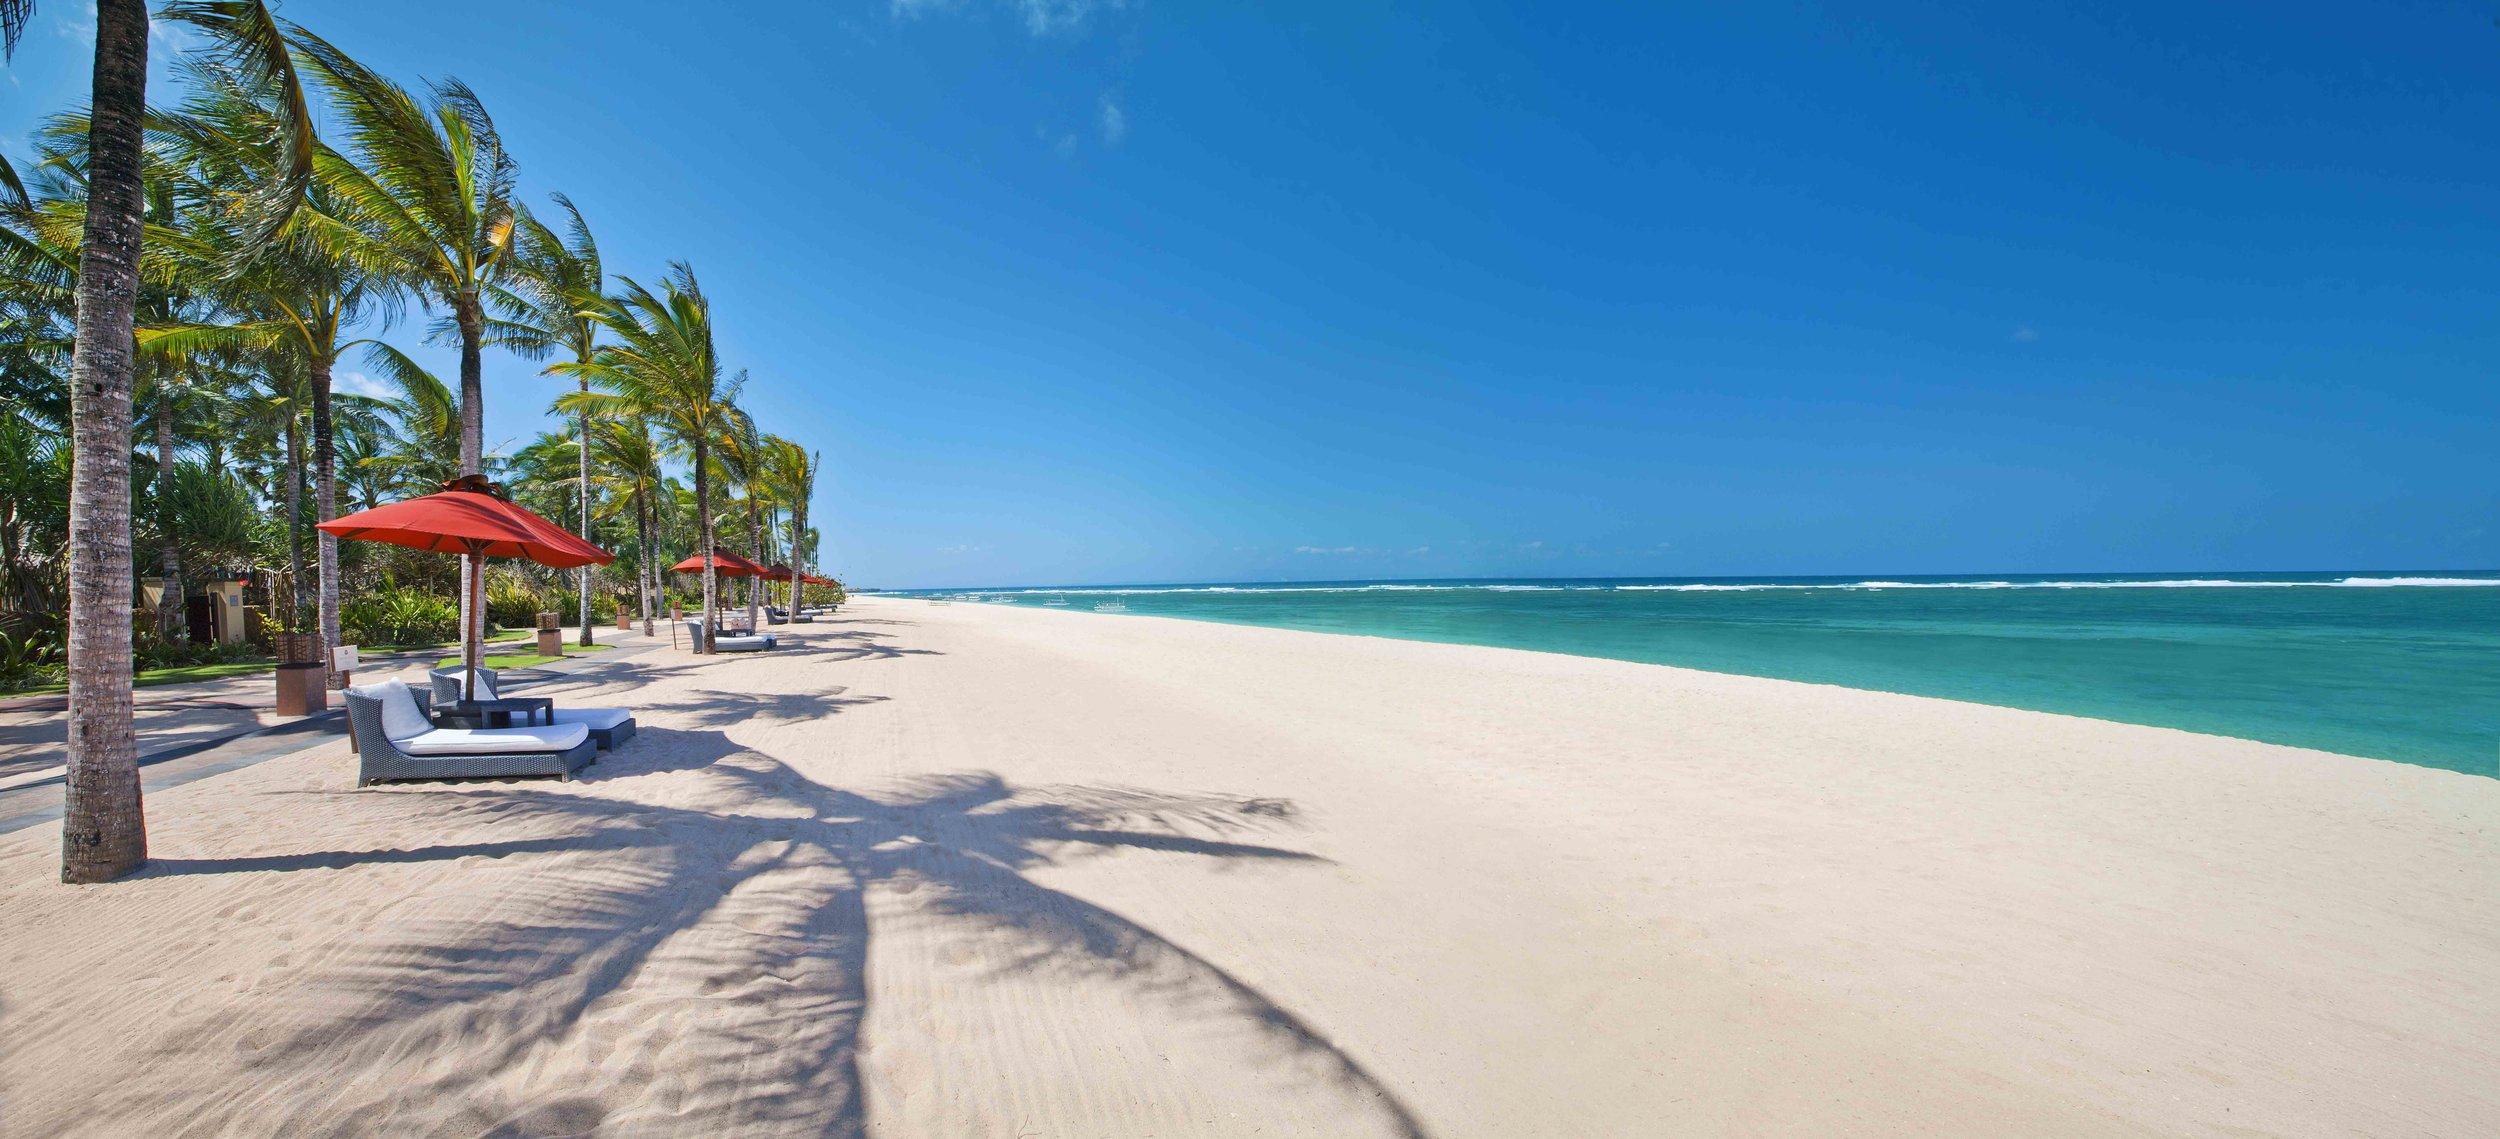 St Regis Bali Strand Villa Beachfront 1MB.jpg